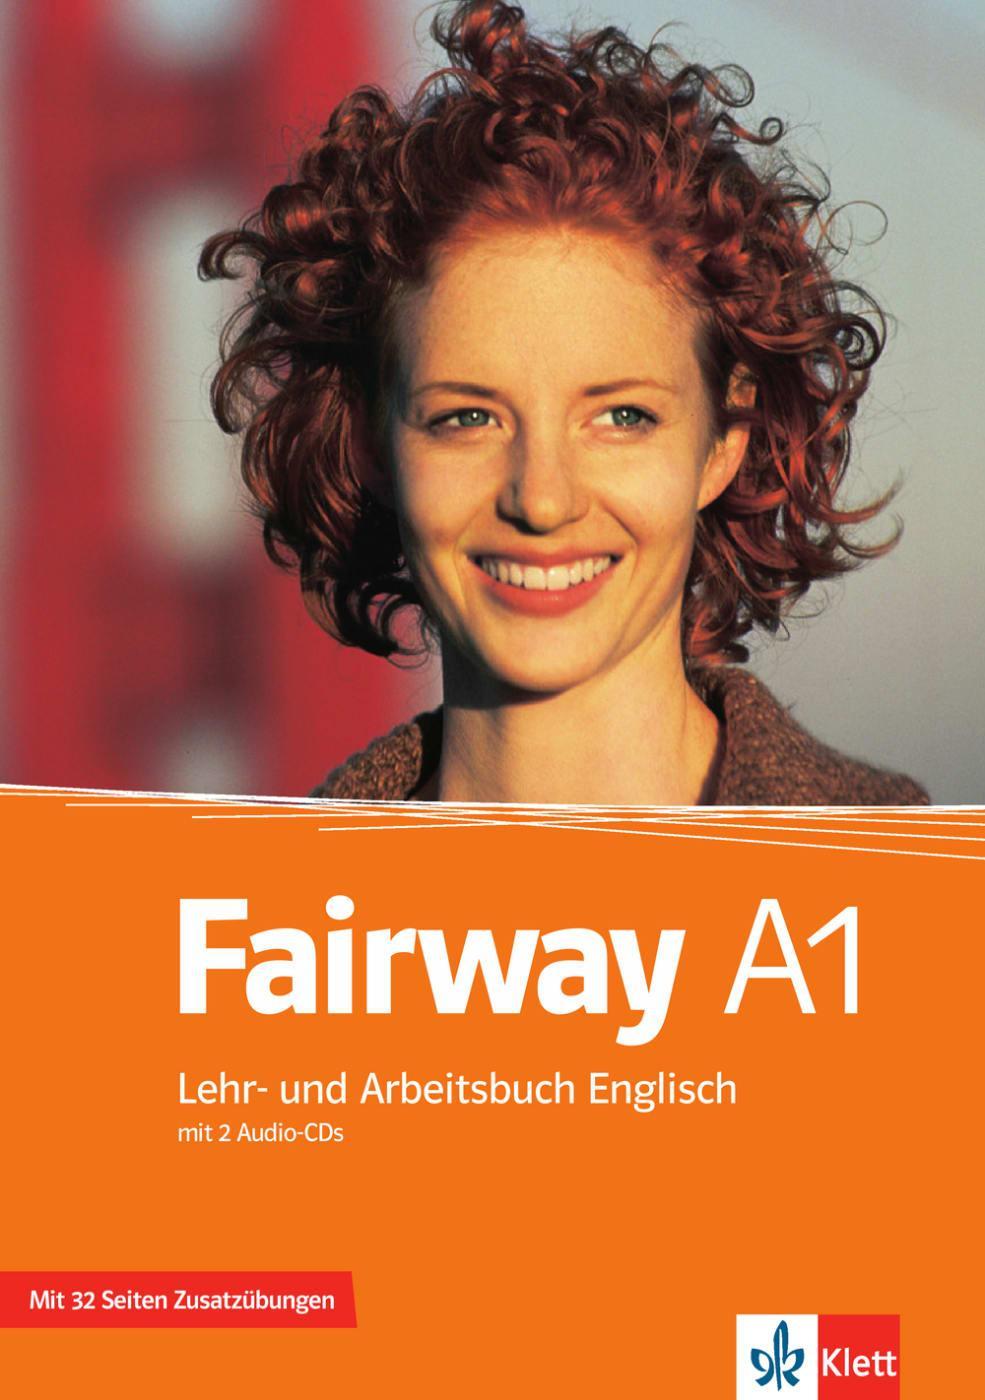 Fairway A1: Lehr- und Arbeitsbuch Englisch mit 2 Audio-CDs Herbert Stranks  ...